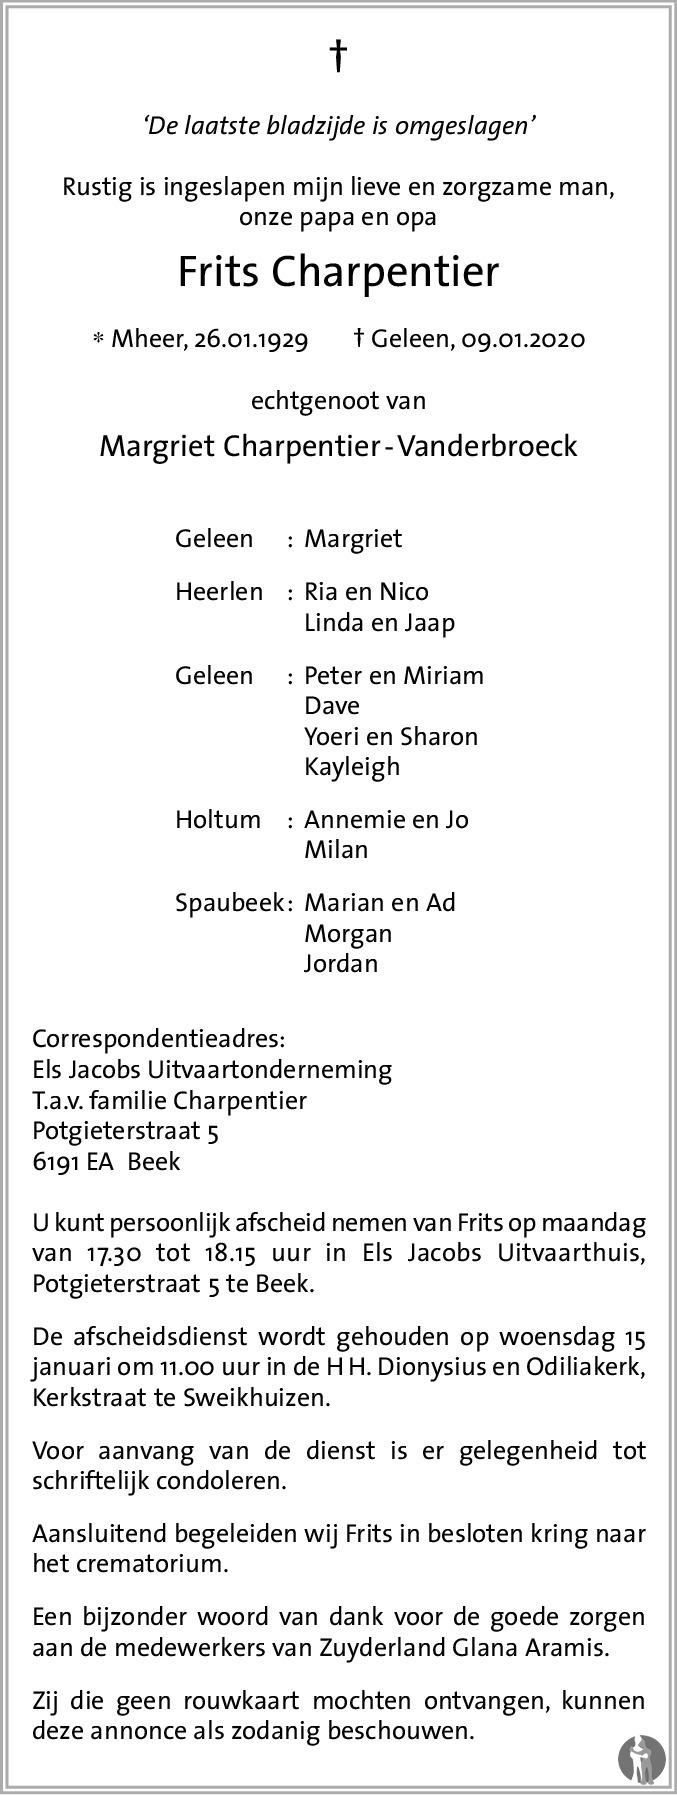 Overlijdensbericht van Frits Charpentier in De Limburger